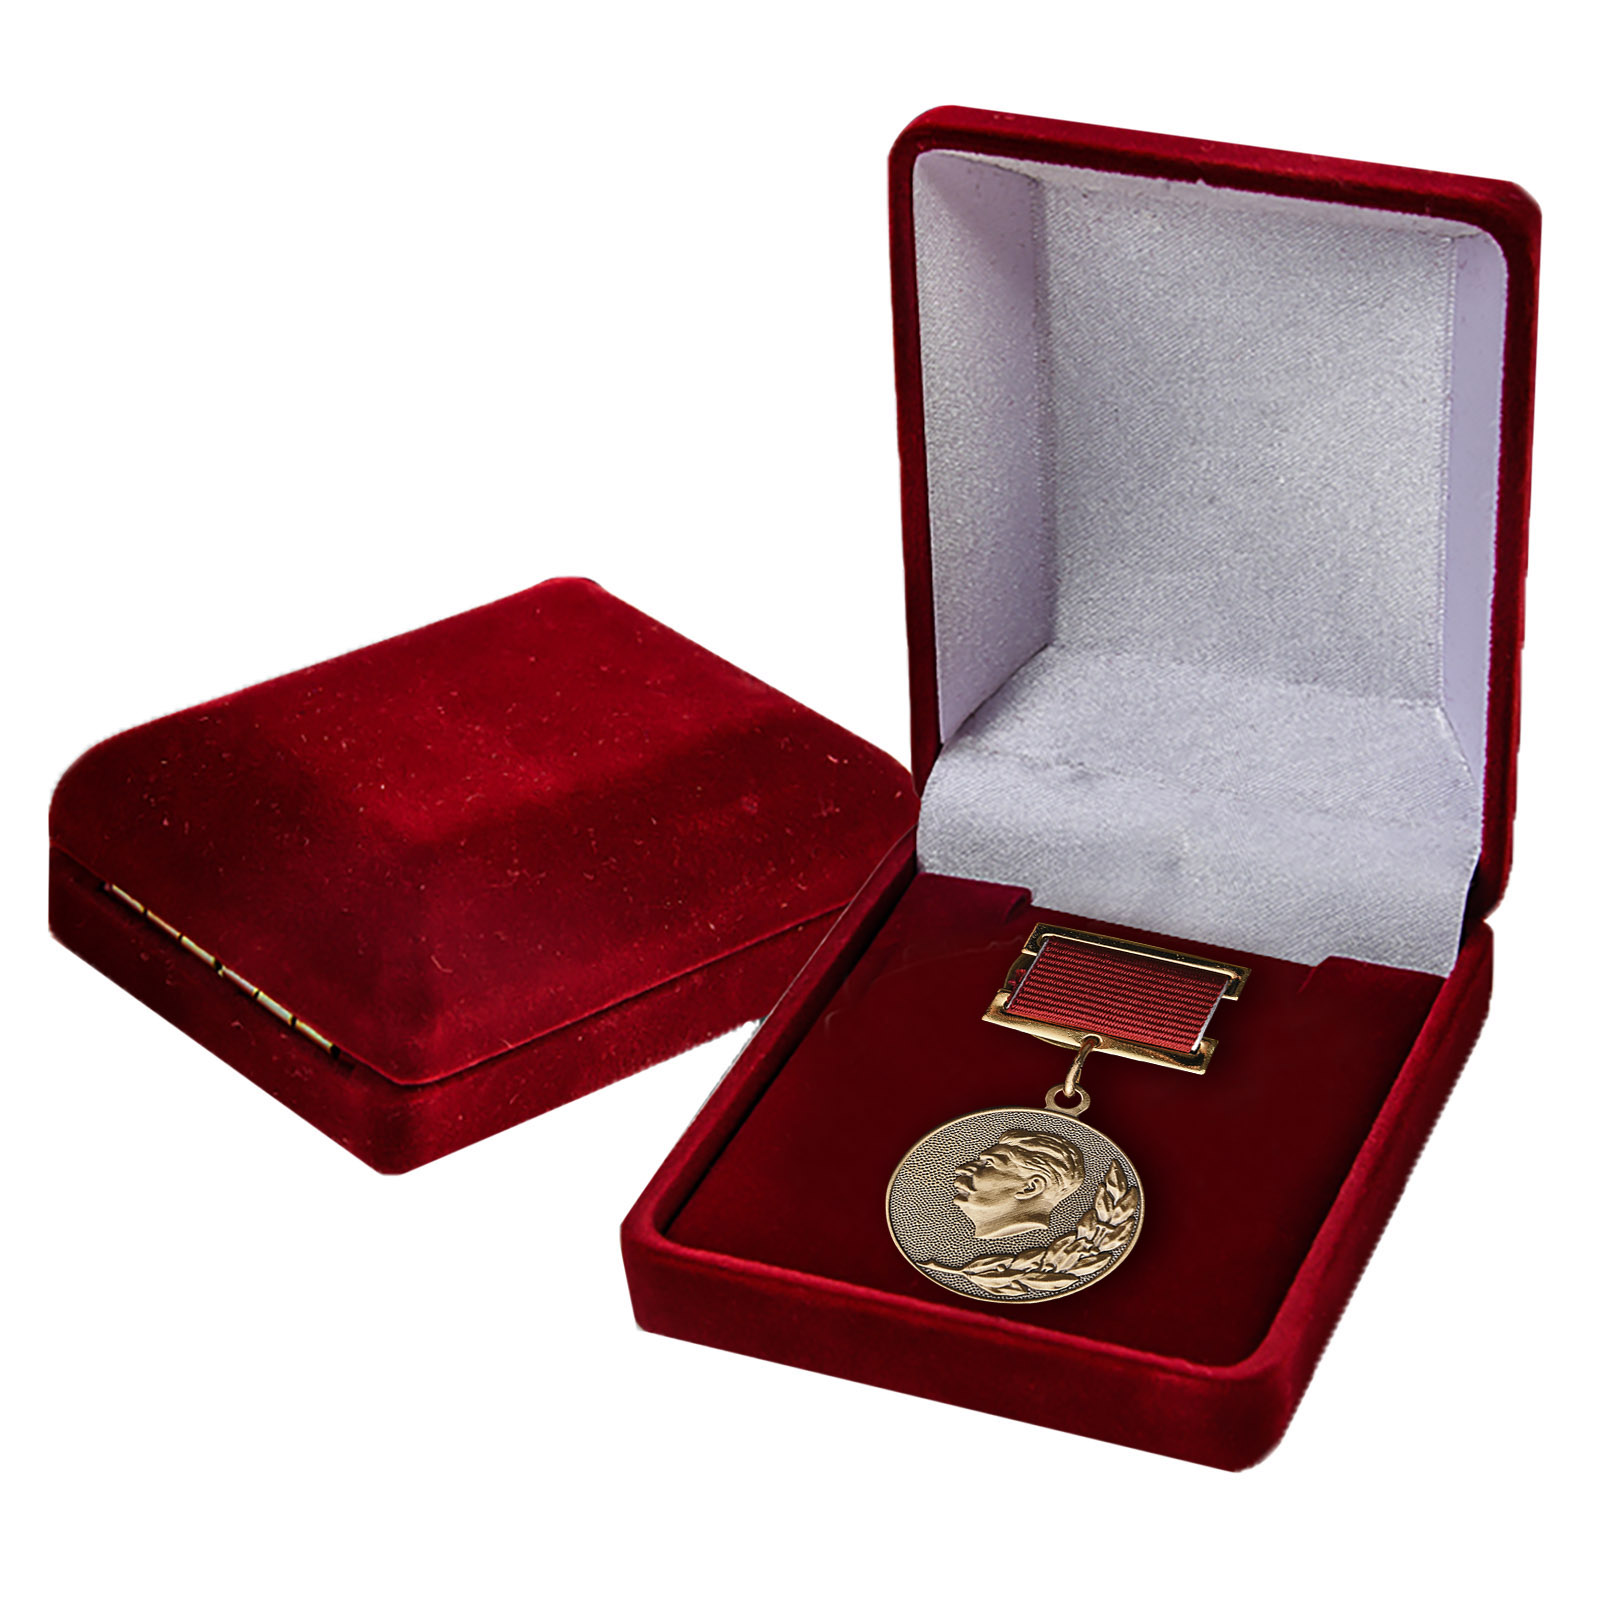 Знак Лауреата Сталинской премии для коллекций